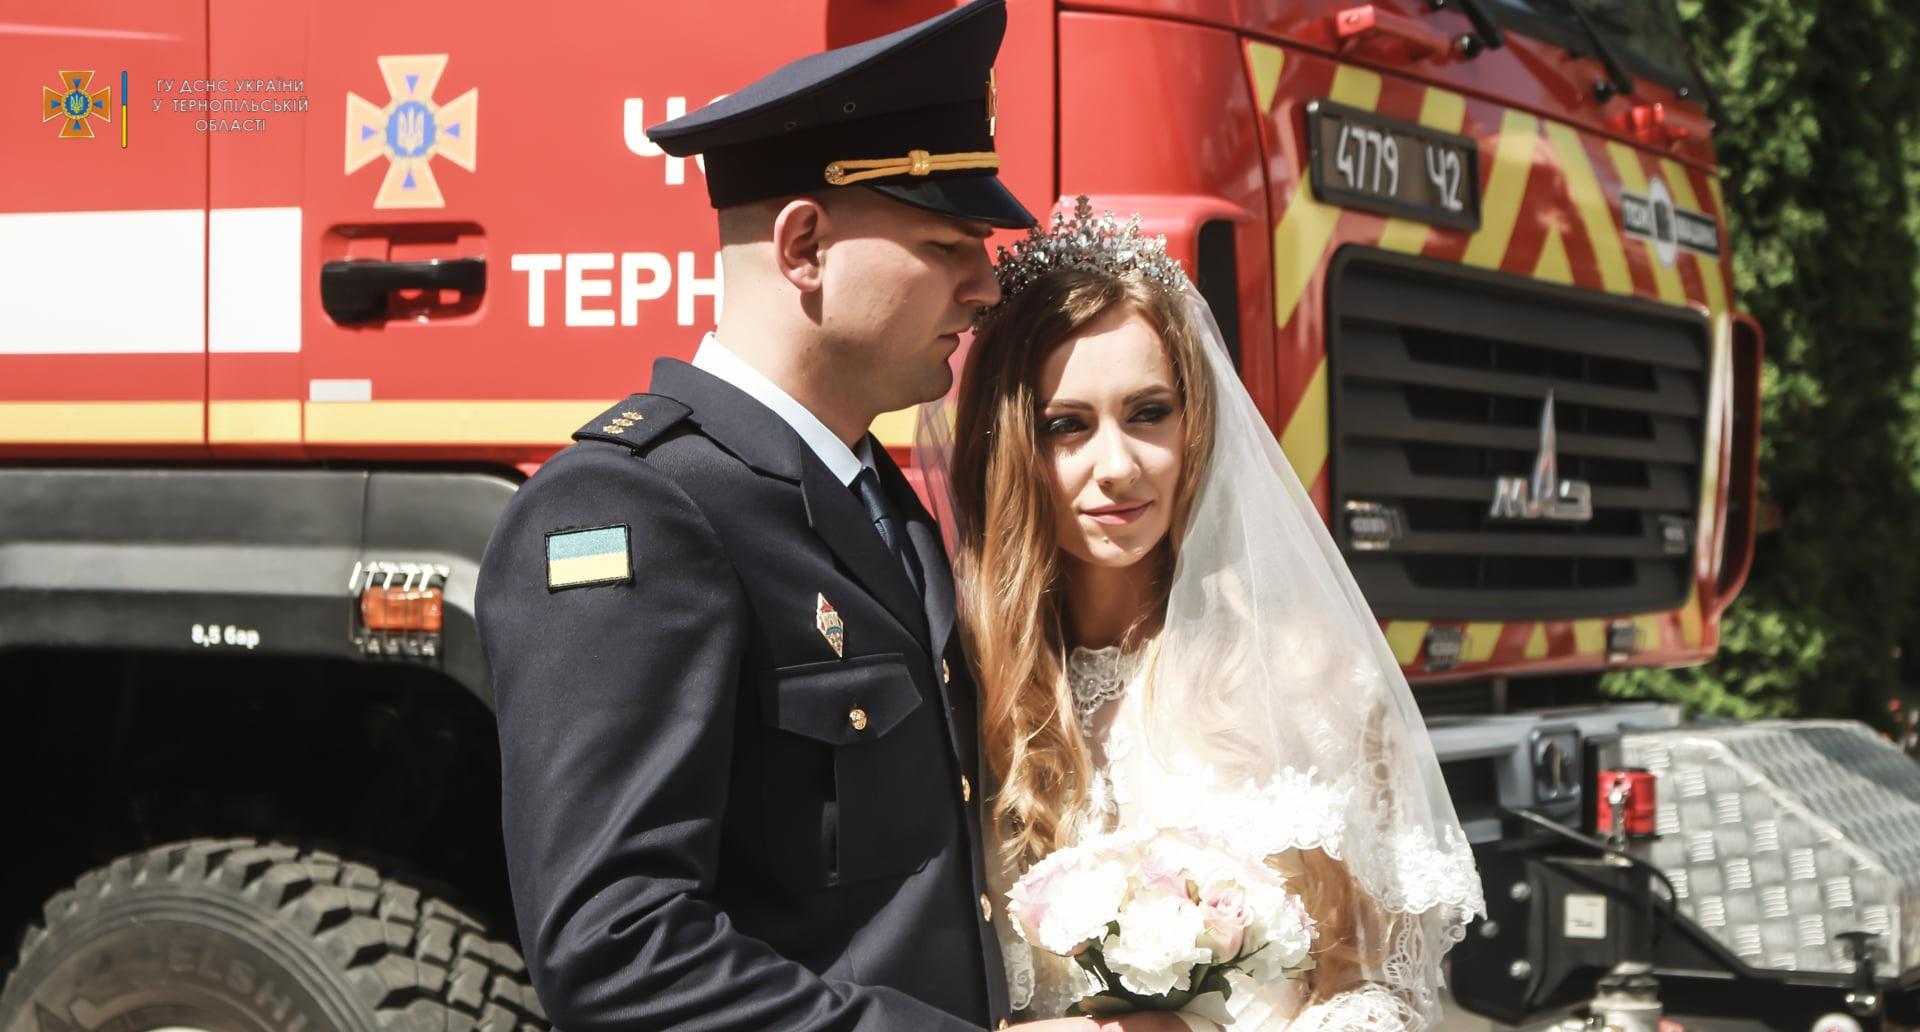 Вместо 'горько' - вой сирен: пара спасателей женилась по традициям раб